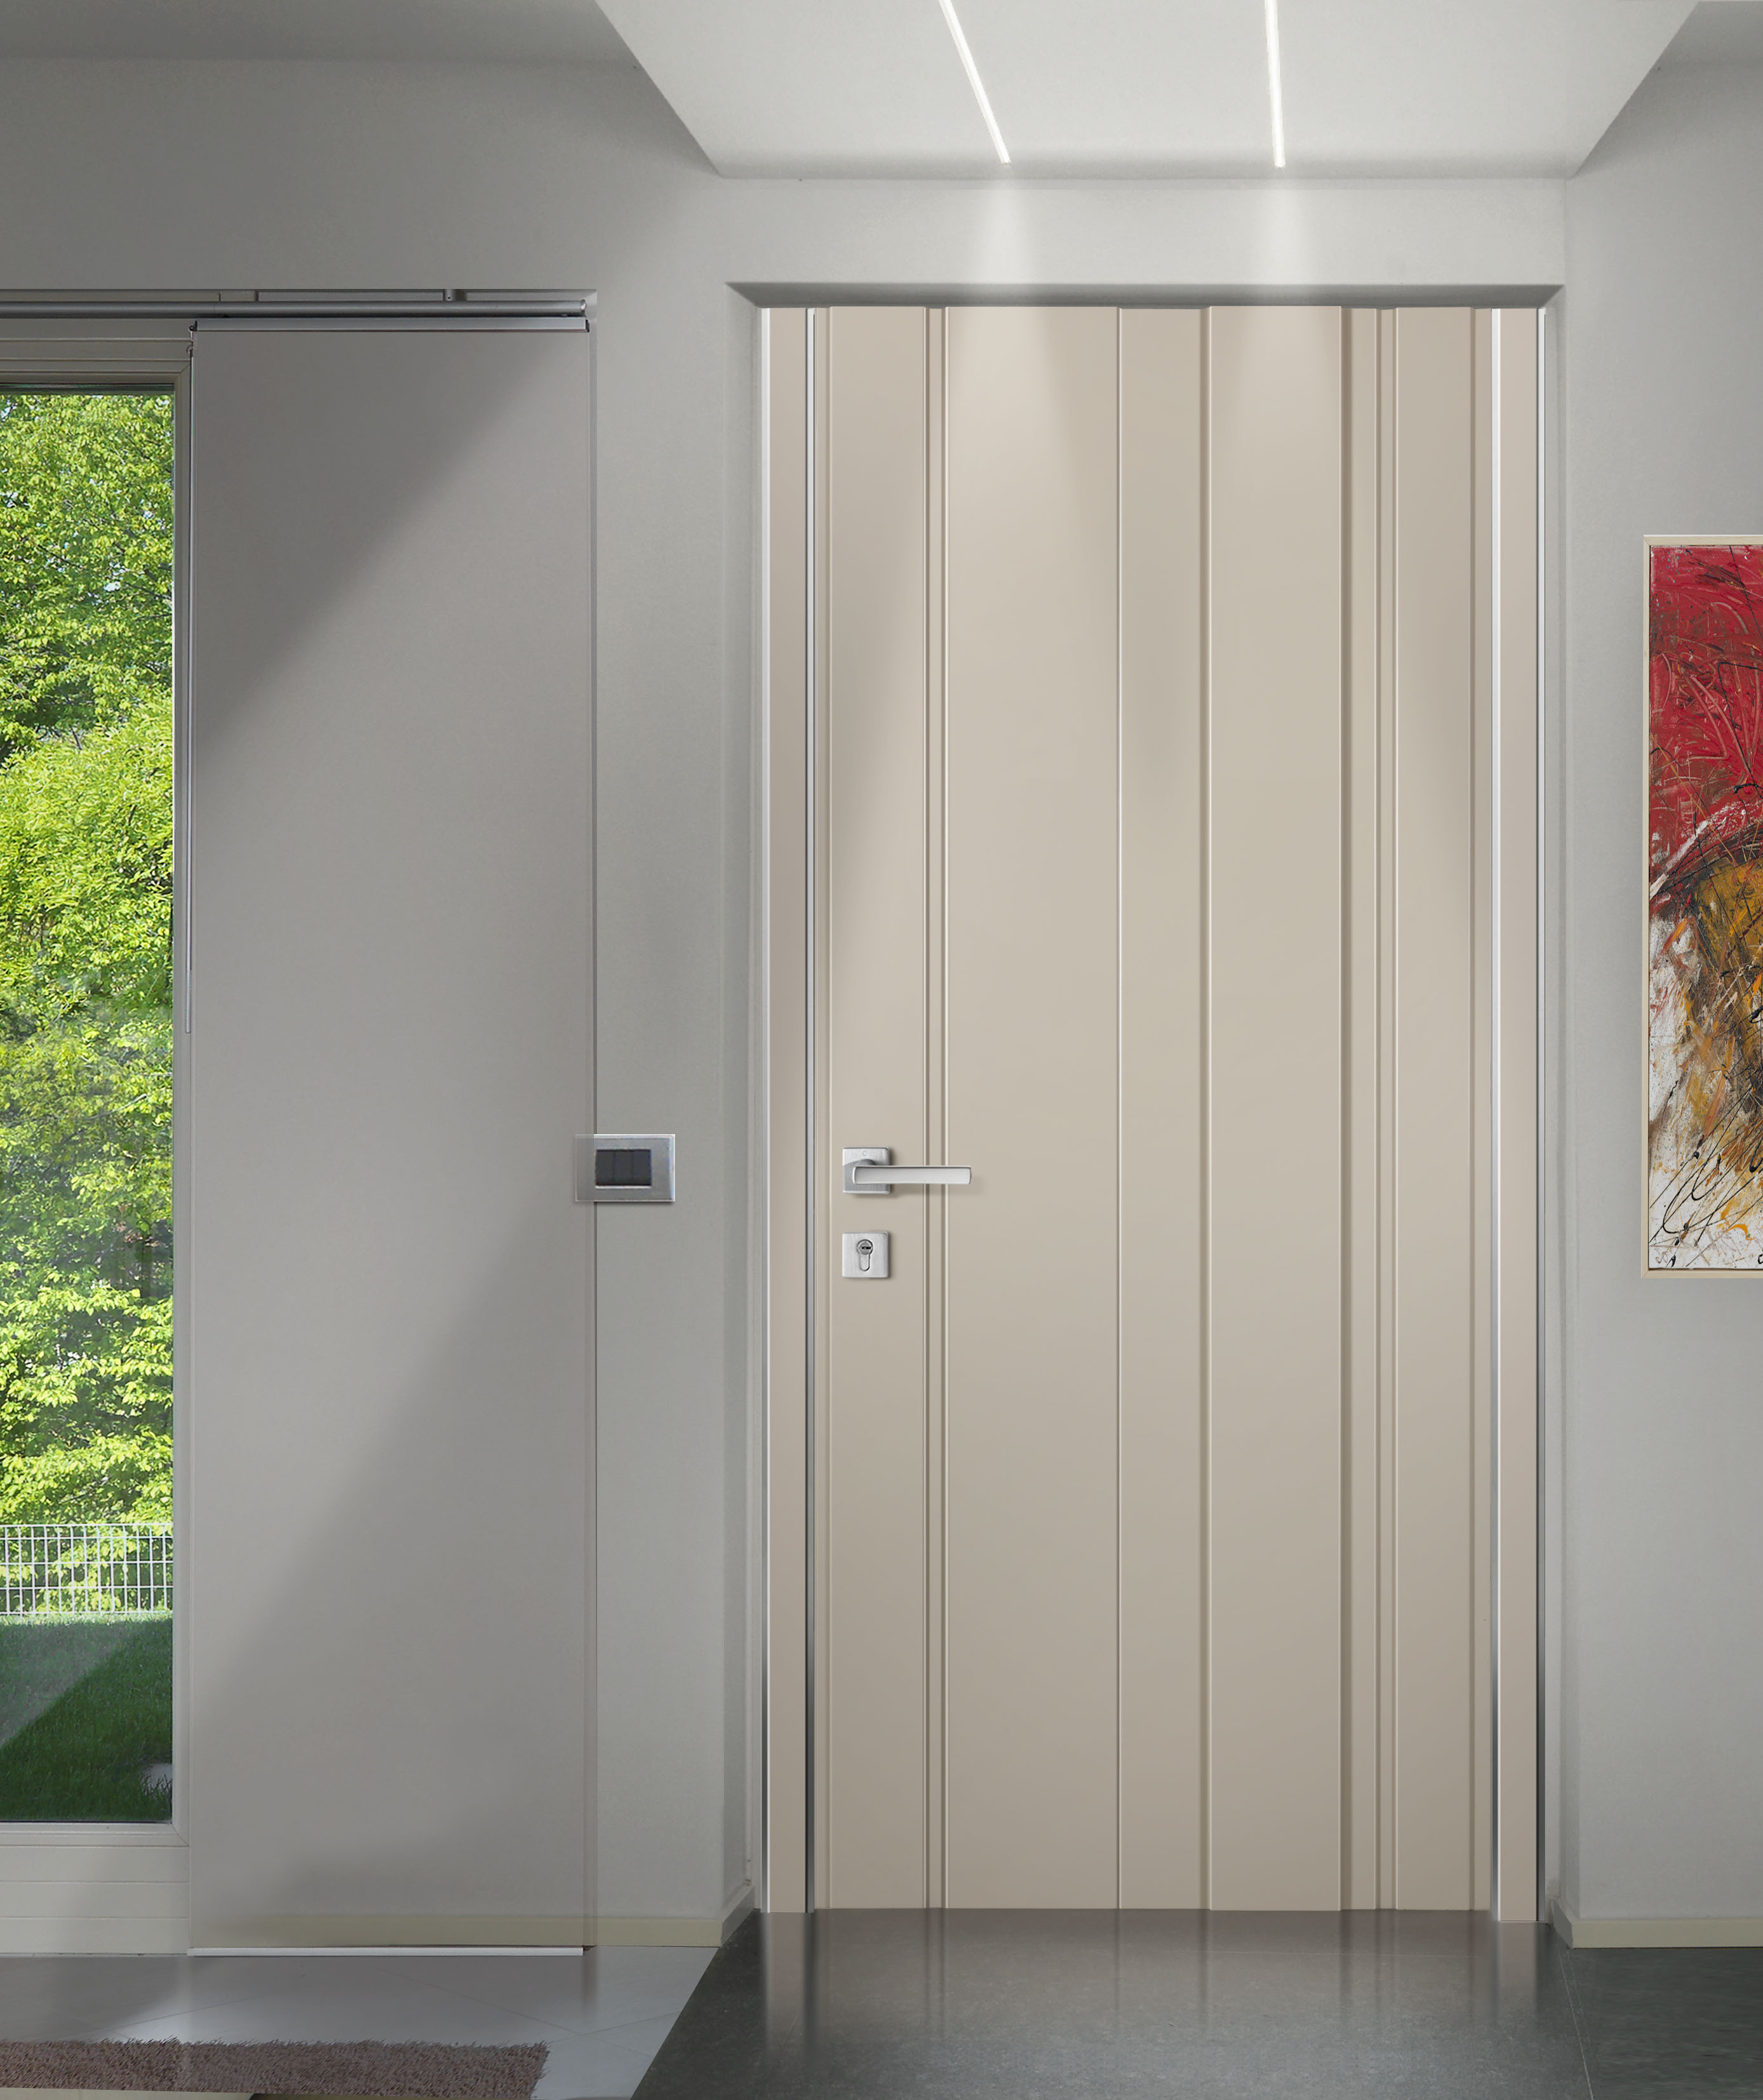 Porte blindate monza di fazio porte e finestre - Porte e finestre blindate ...